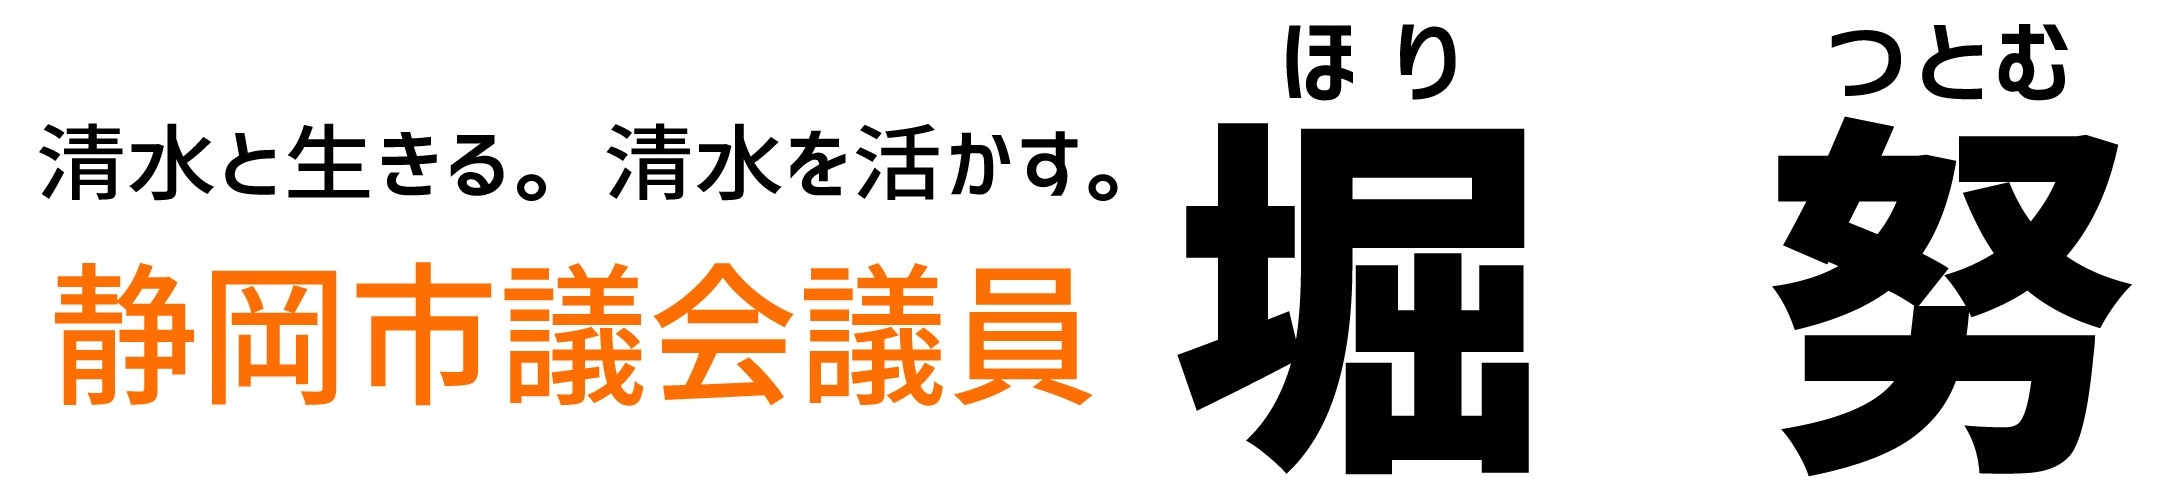 静岡市議会議員 堀つとむ